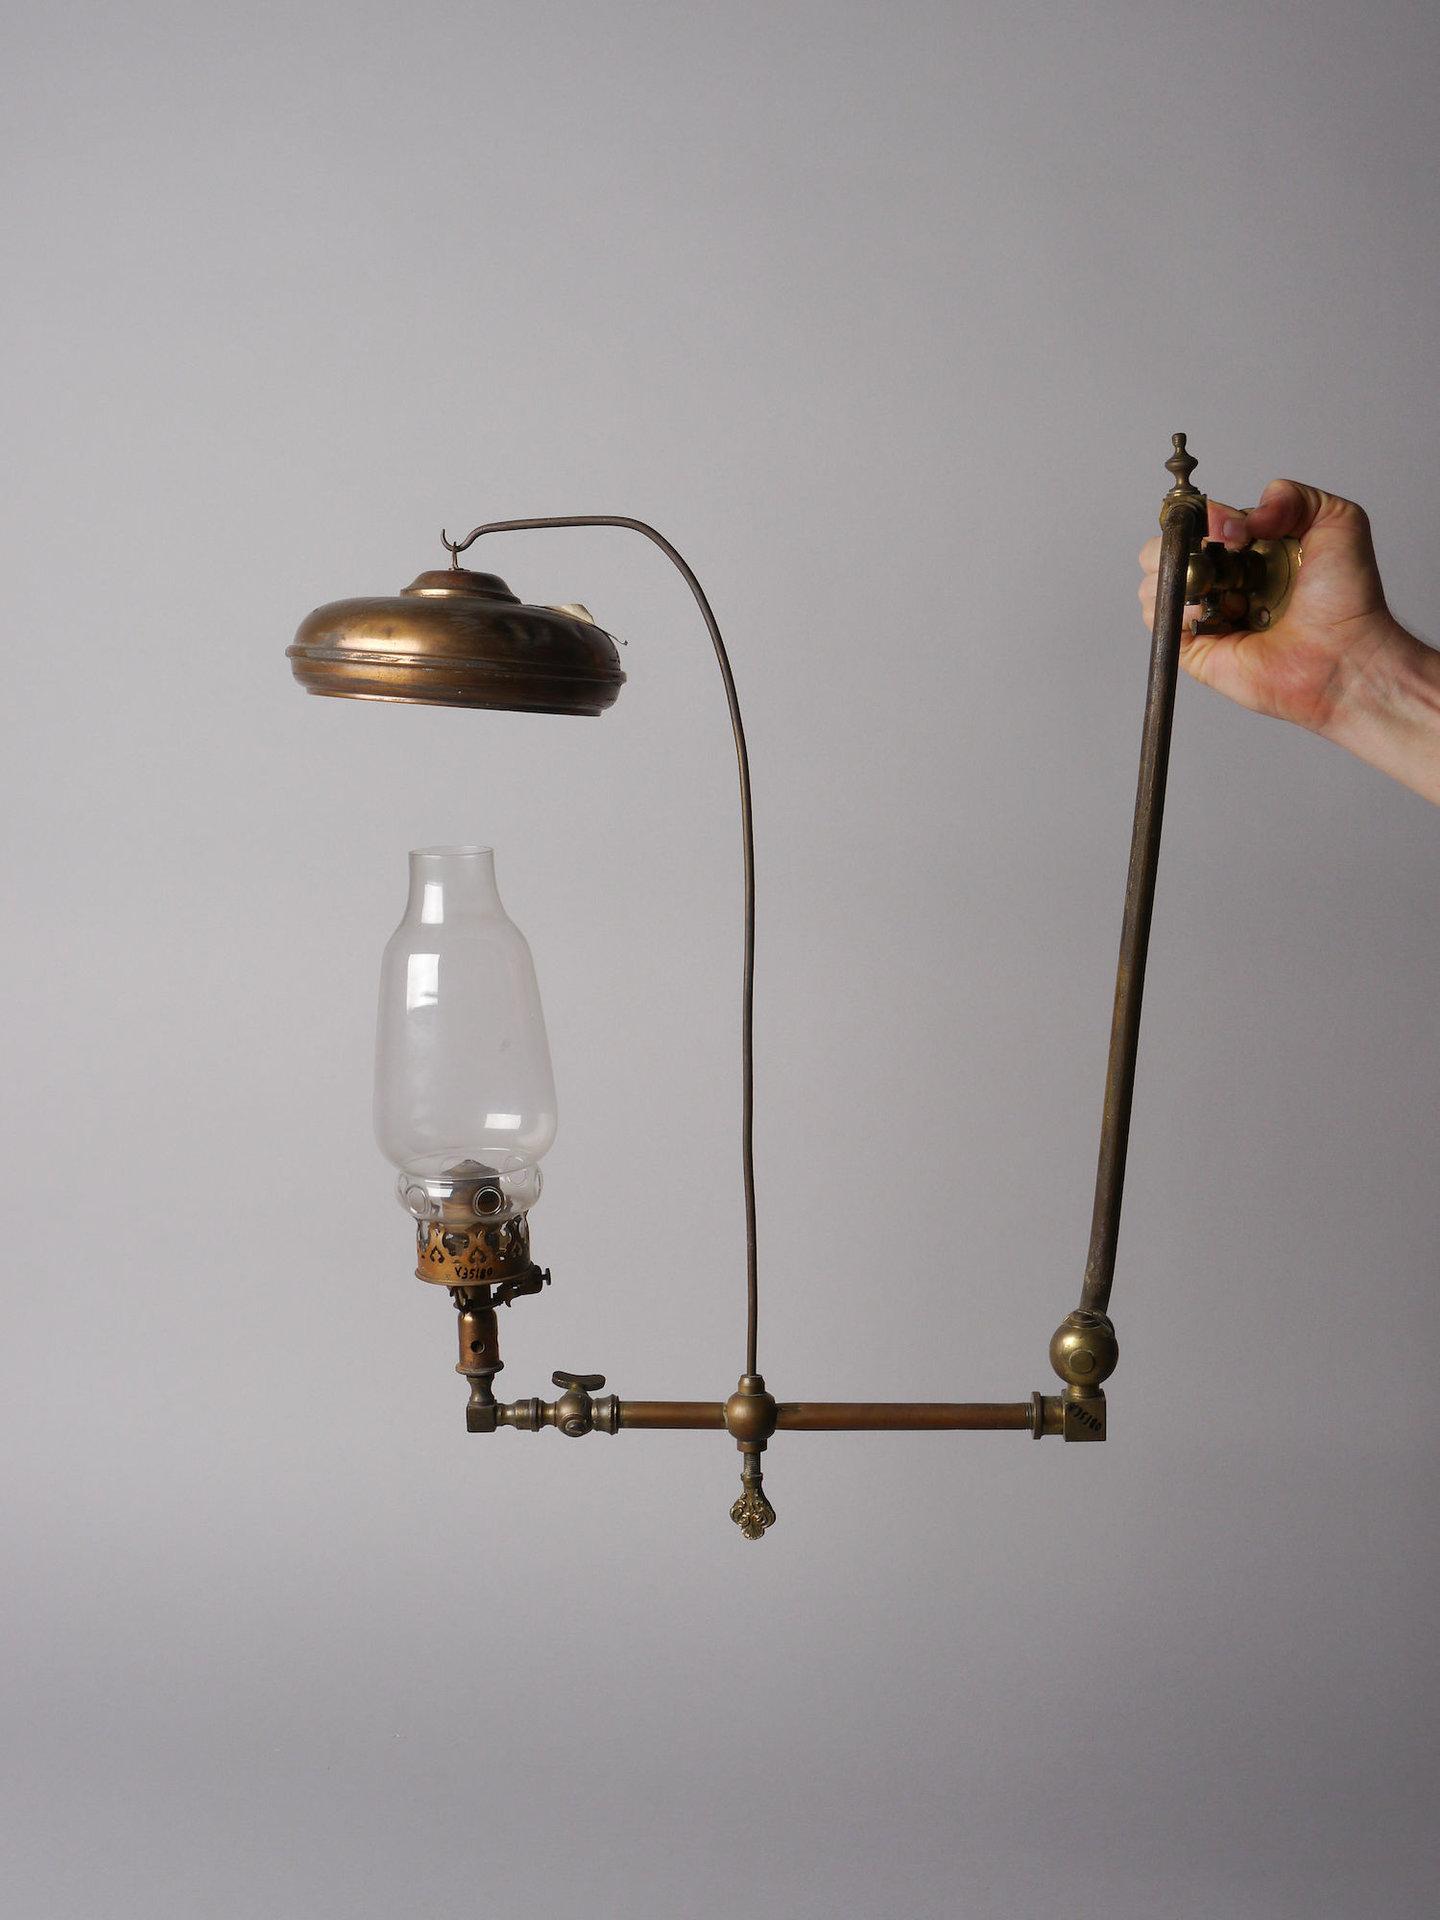 Wandlamp met gasbrander voor rechtopstaand gloeikousje